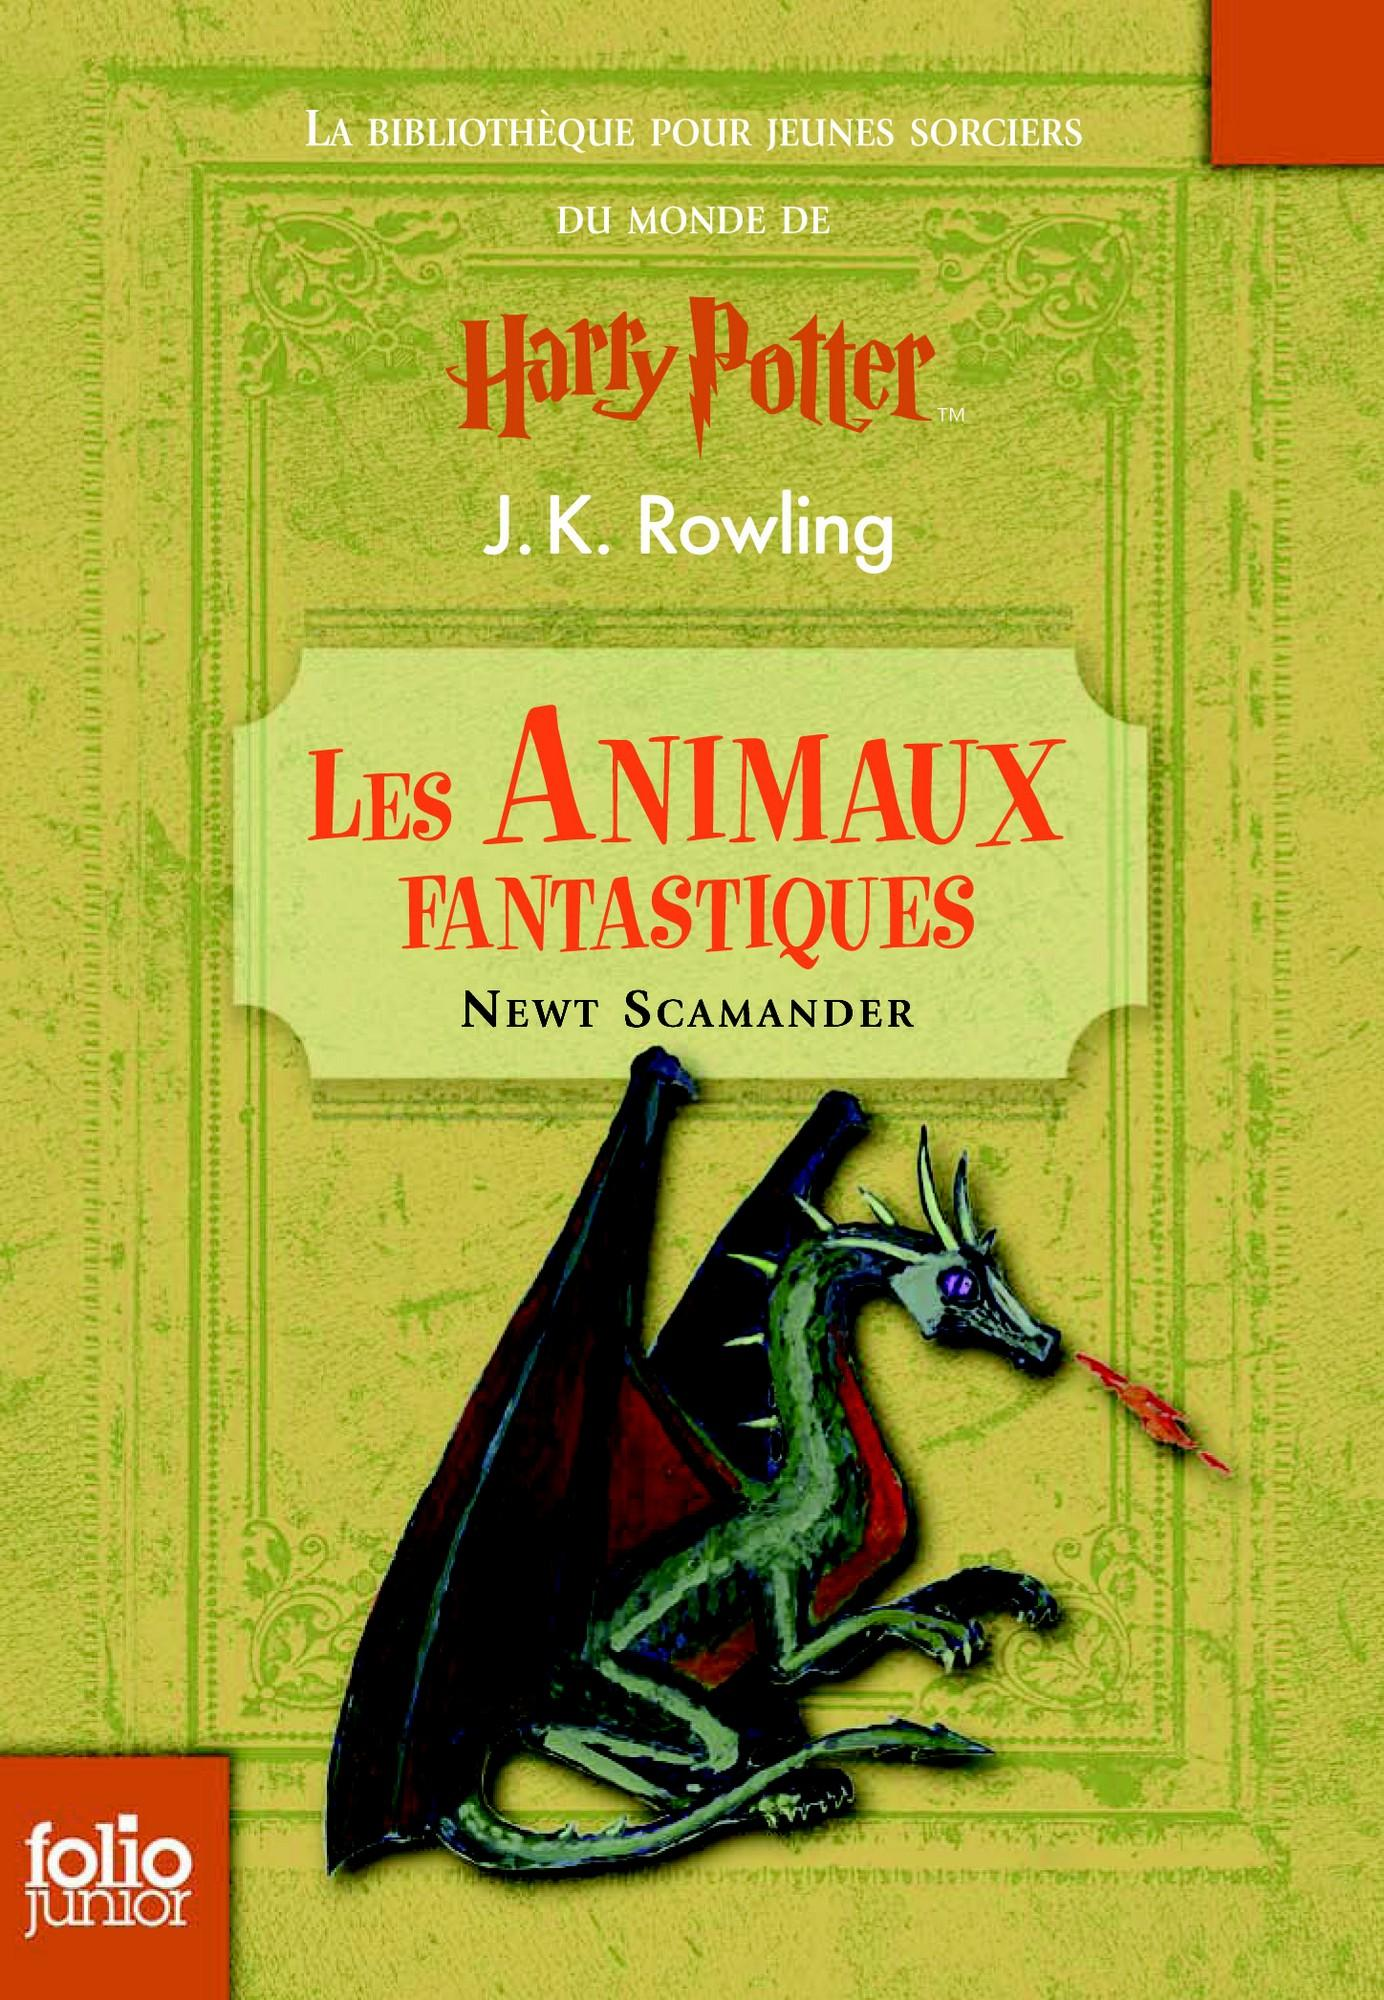 Les Animaux Fantastiques dans le monde de Harry Potter